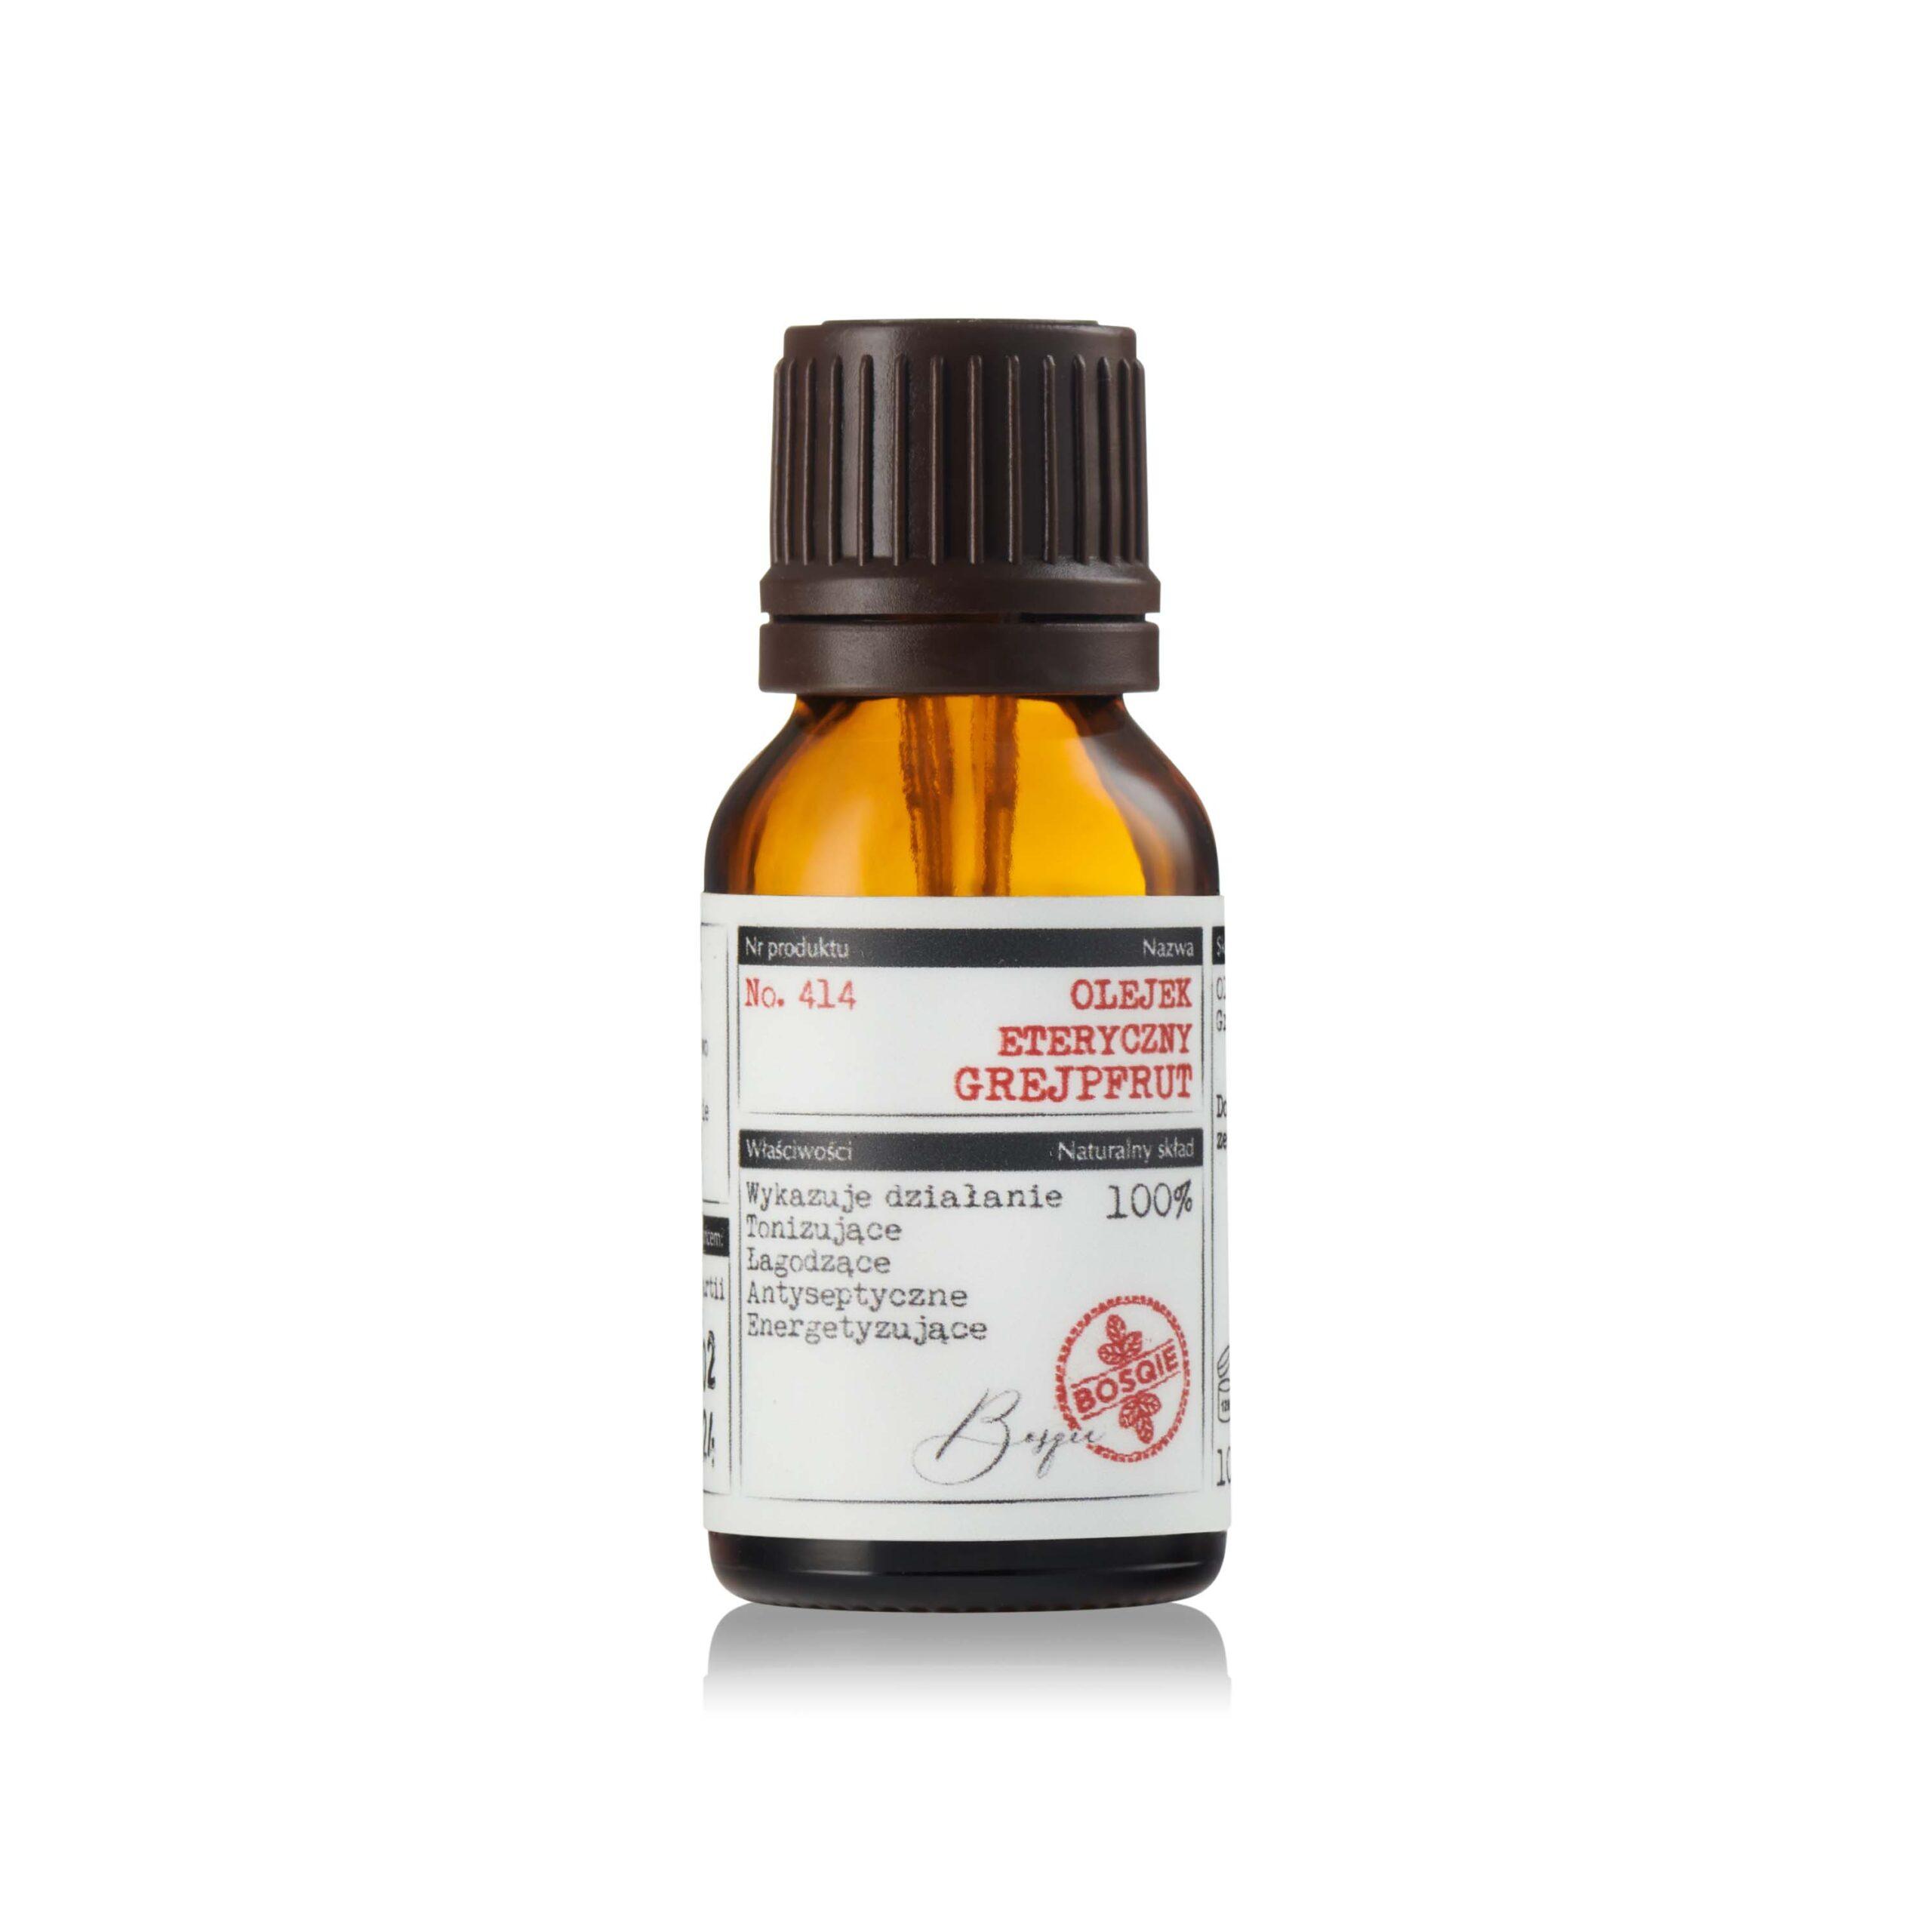 BOSQIE - olejek eteryczny - GREJPFRUT